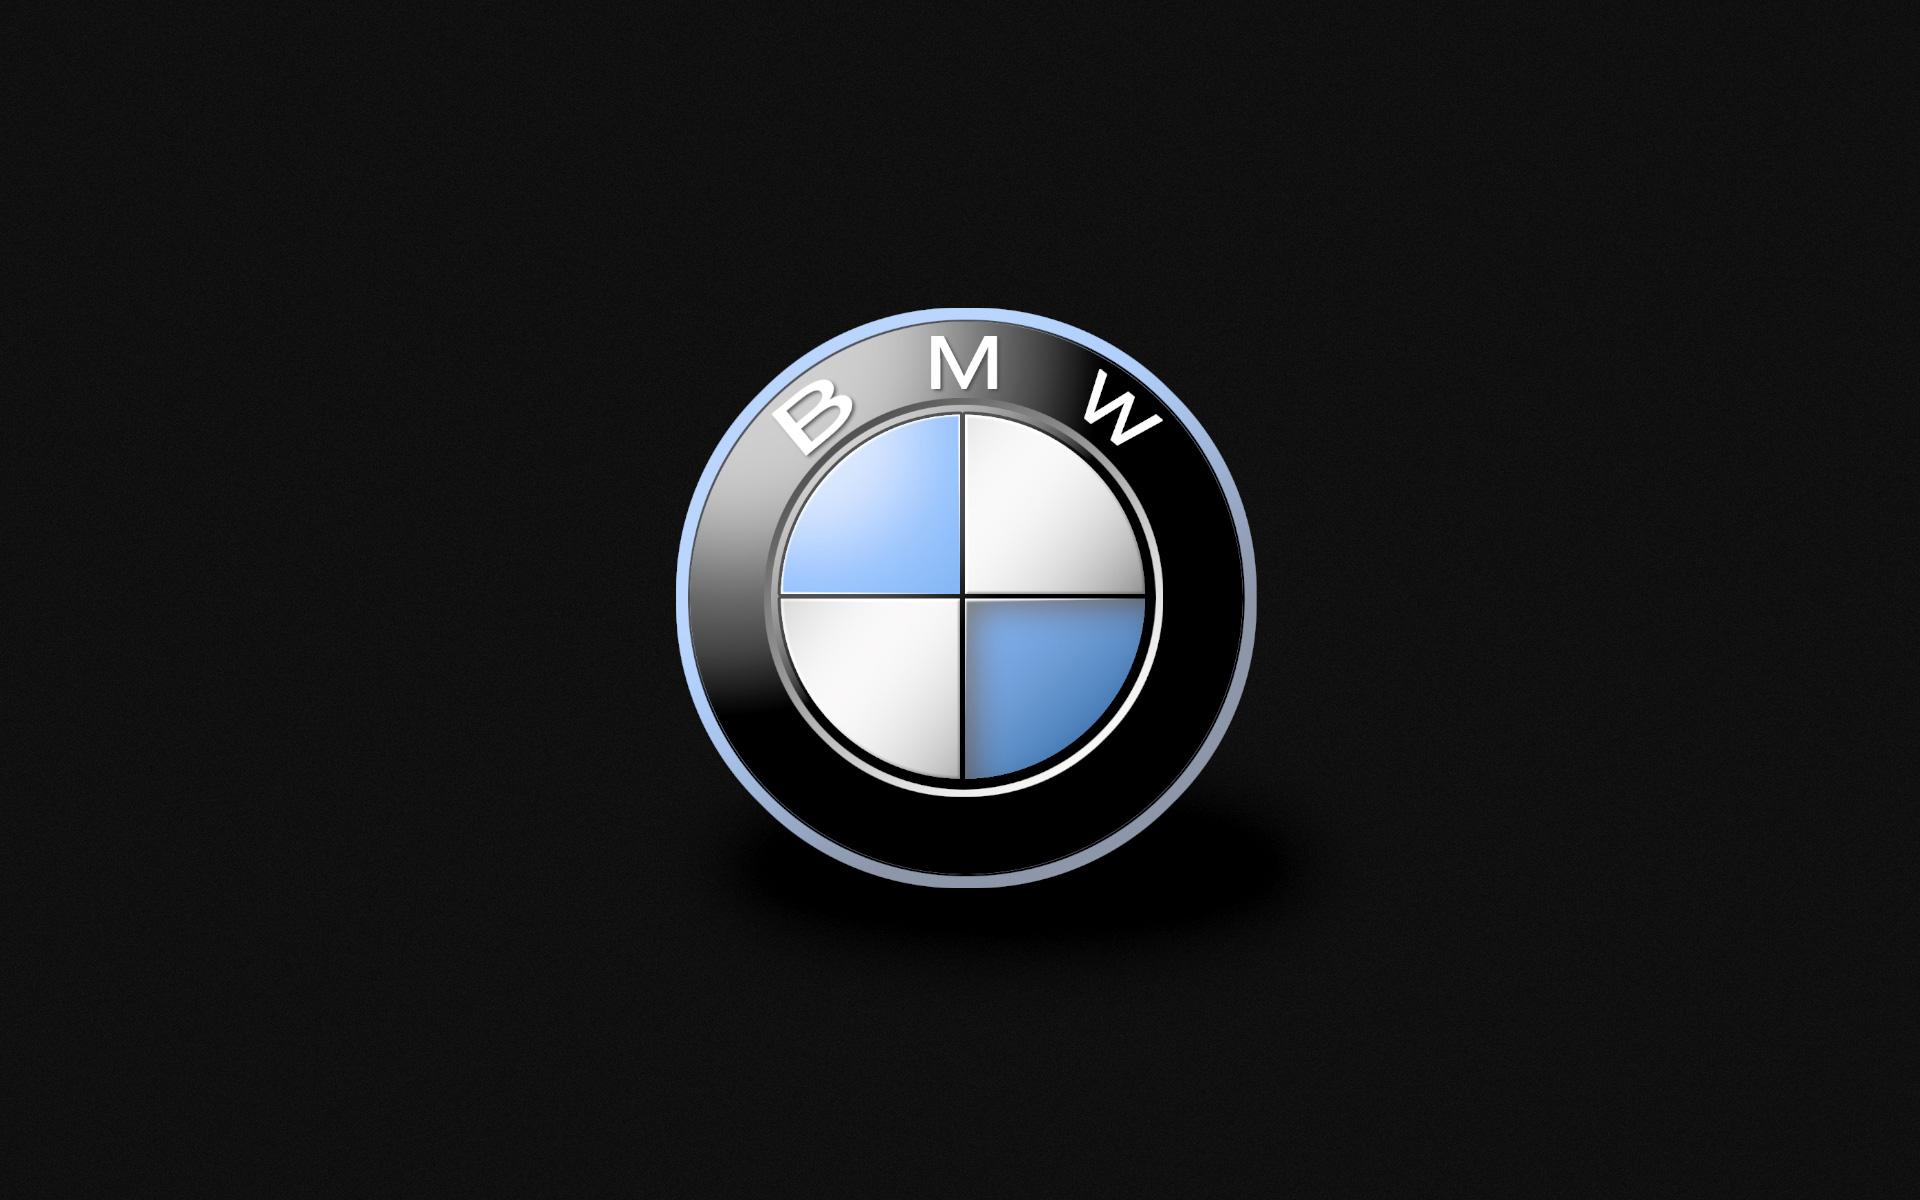 Honda City Car Hd Wallpaper Download Bmw Logo Desktop Wallpaper Pixelstalk Net